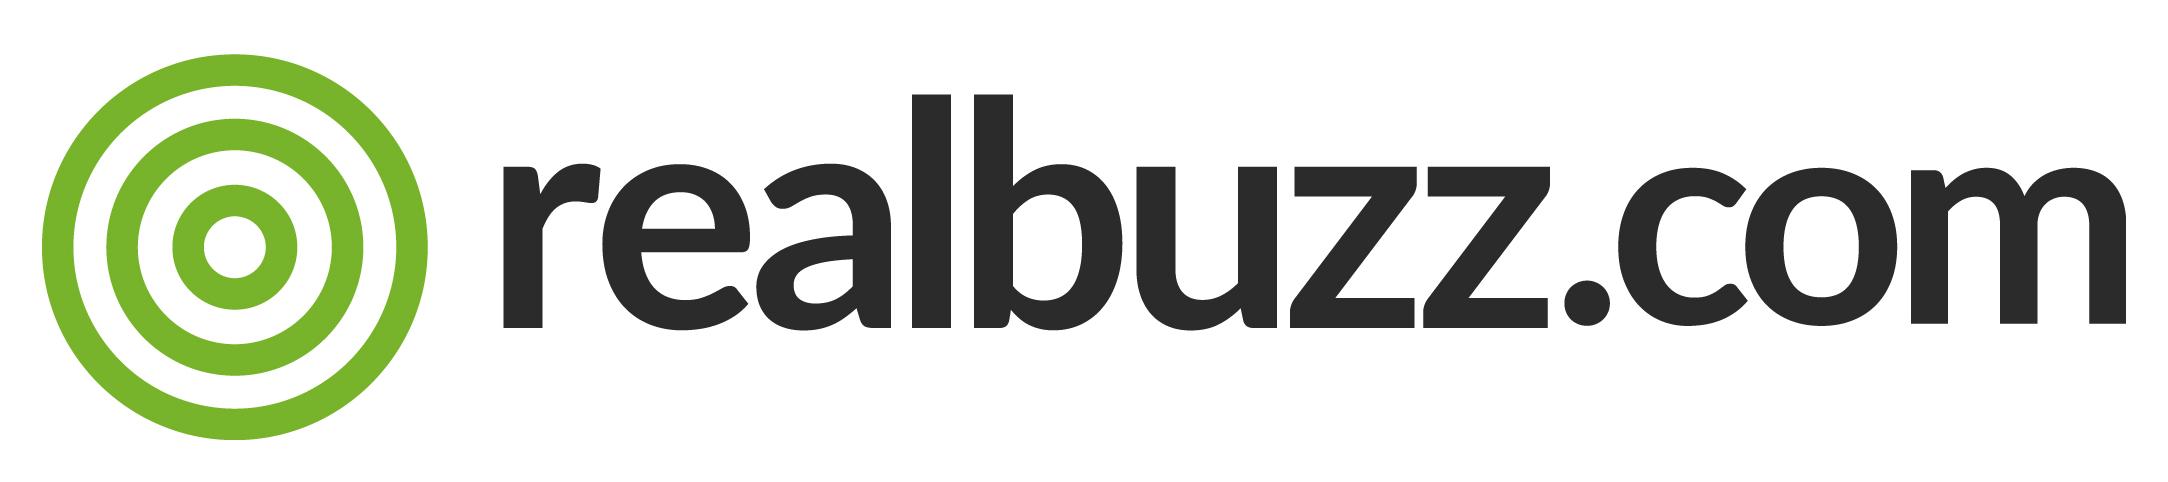 Realbuzz.com